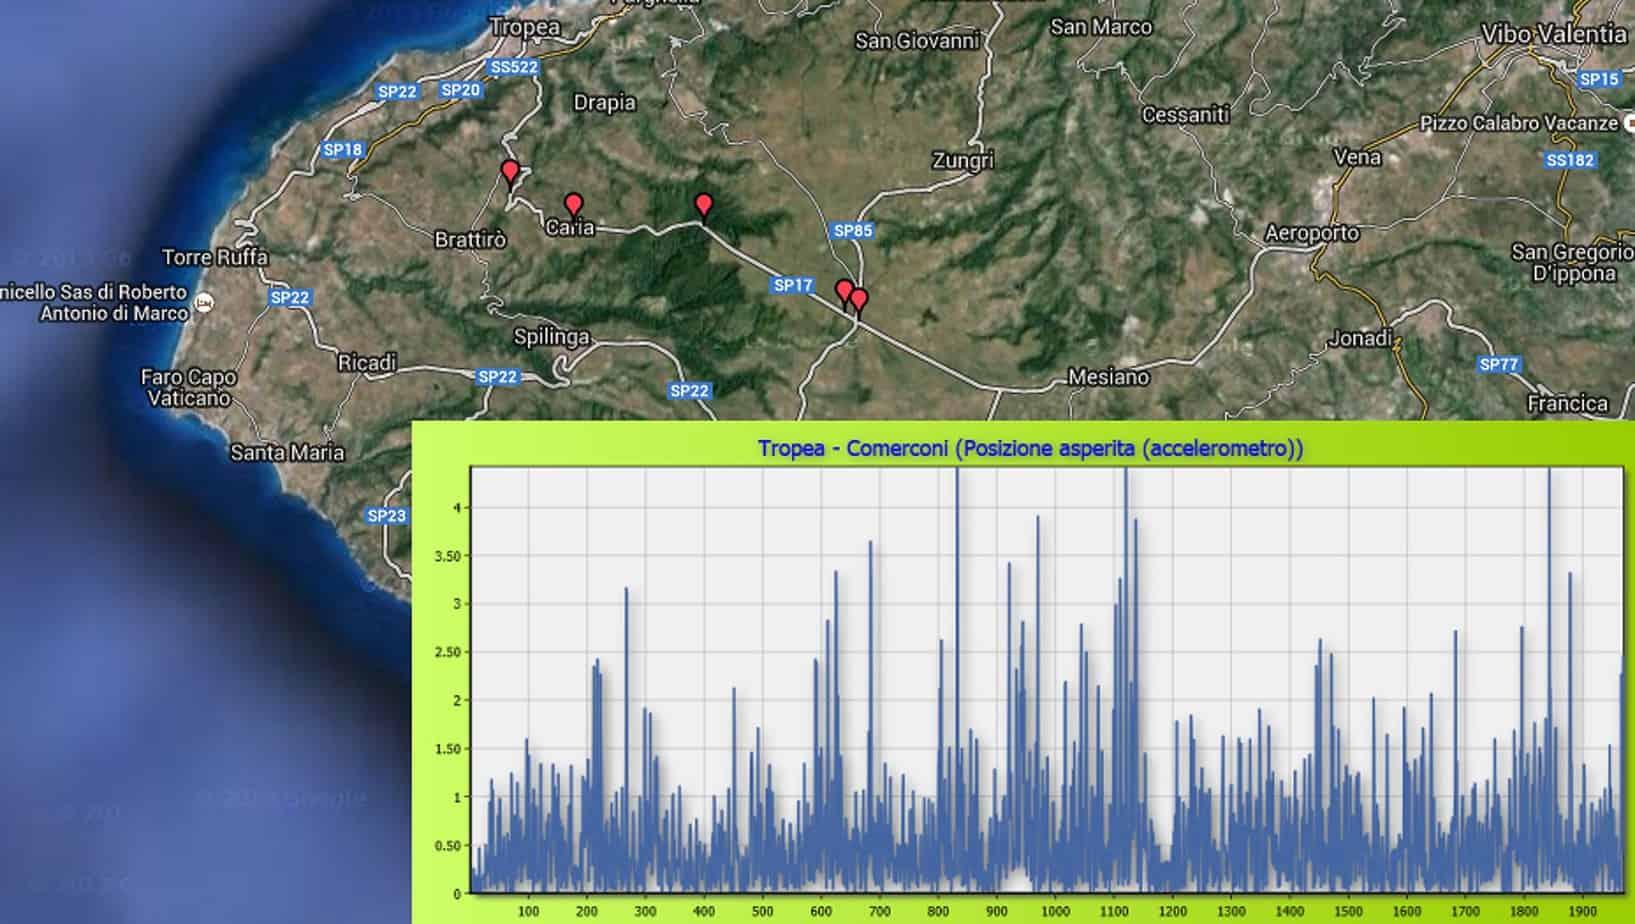 La visualizzazione su mappa e il grafico delle anomalie in ambito urbano/extraurbano